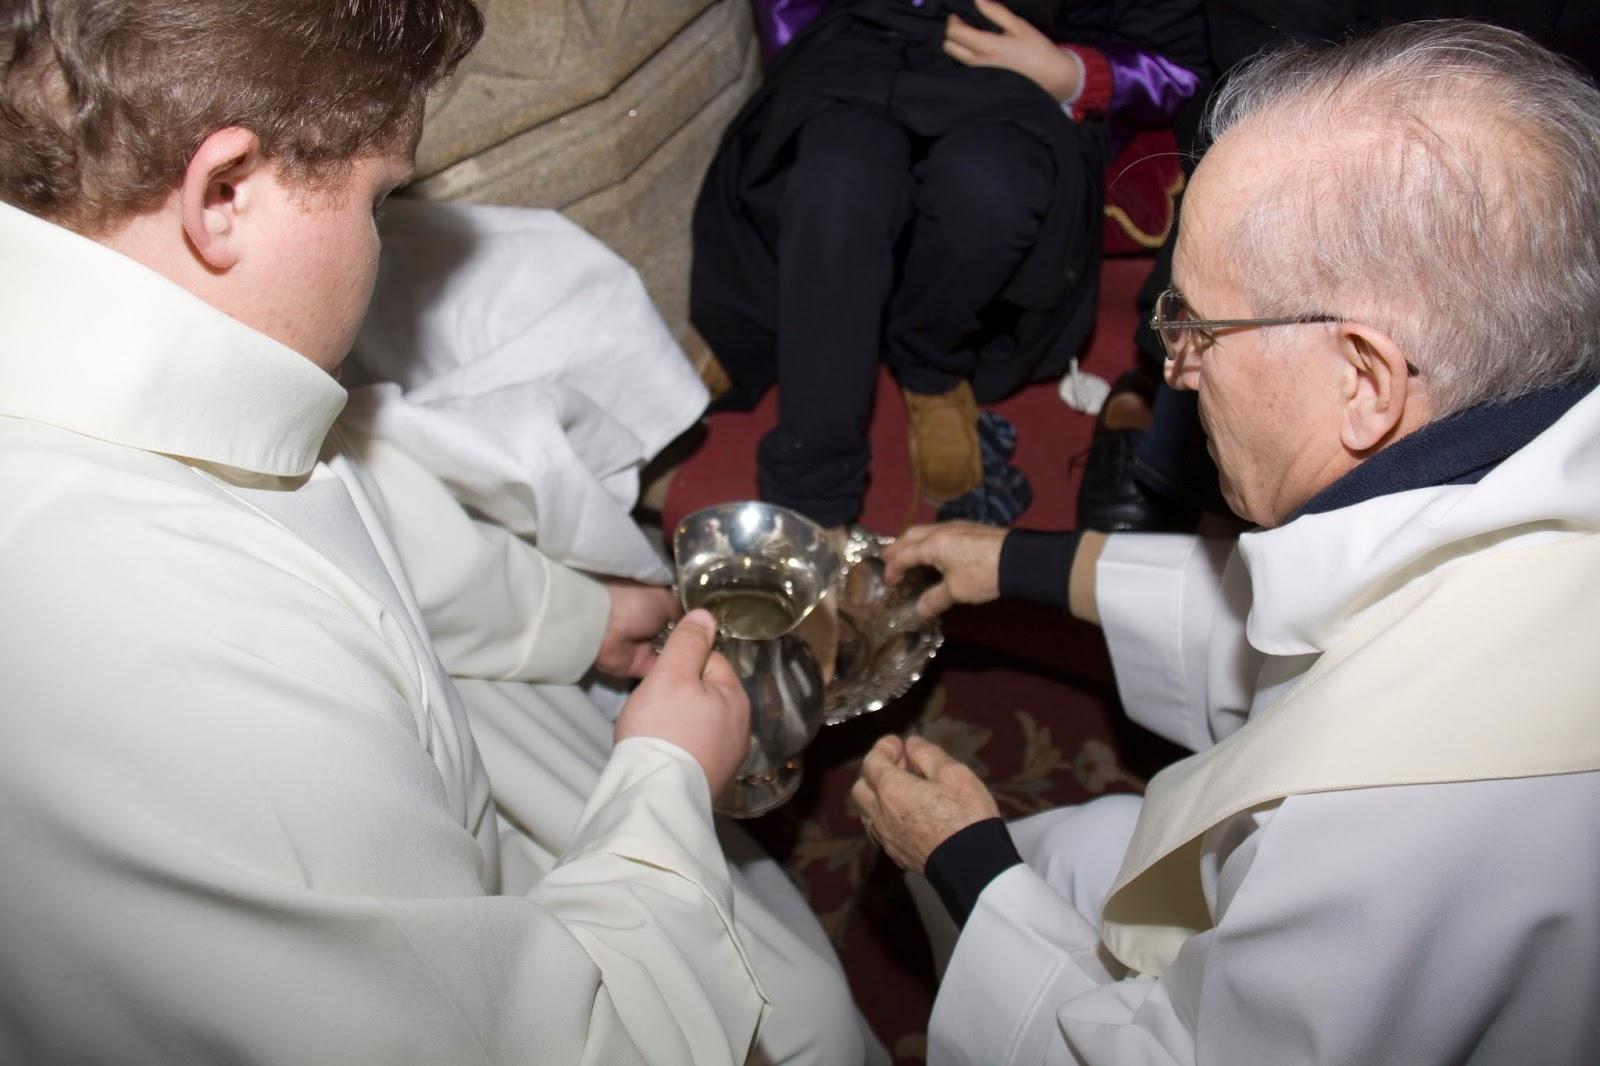 Blog de la Parroquia de Padrón: ¿Por qué el sacerdote lava los pies ...